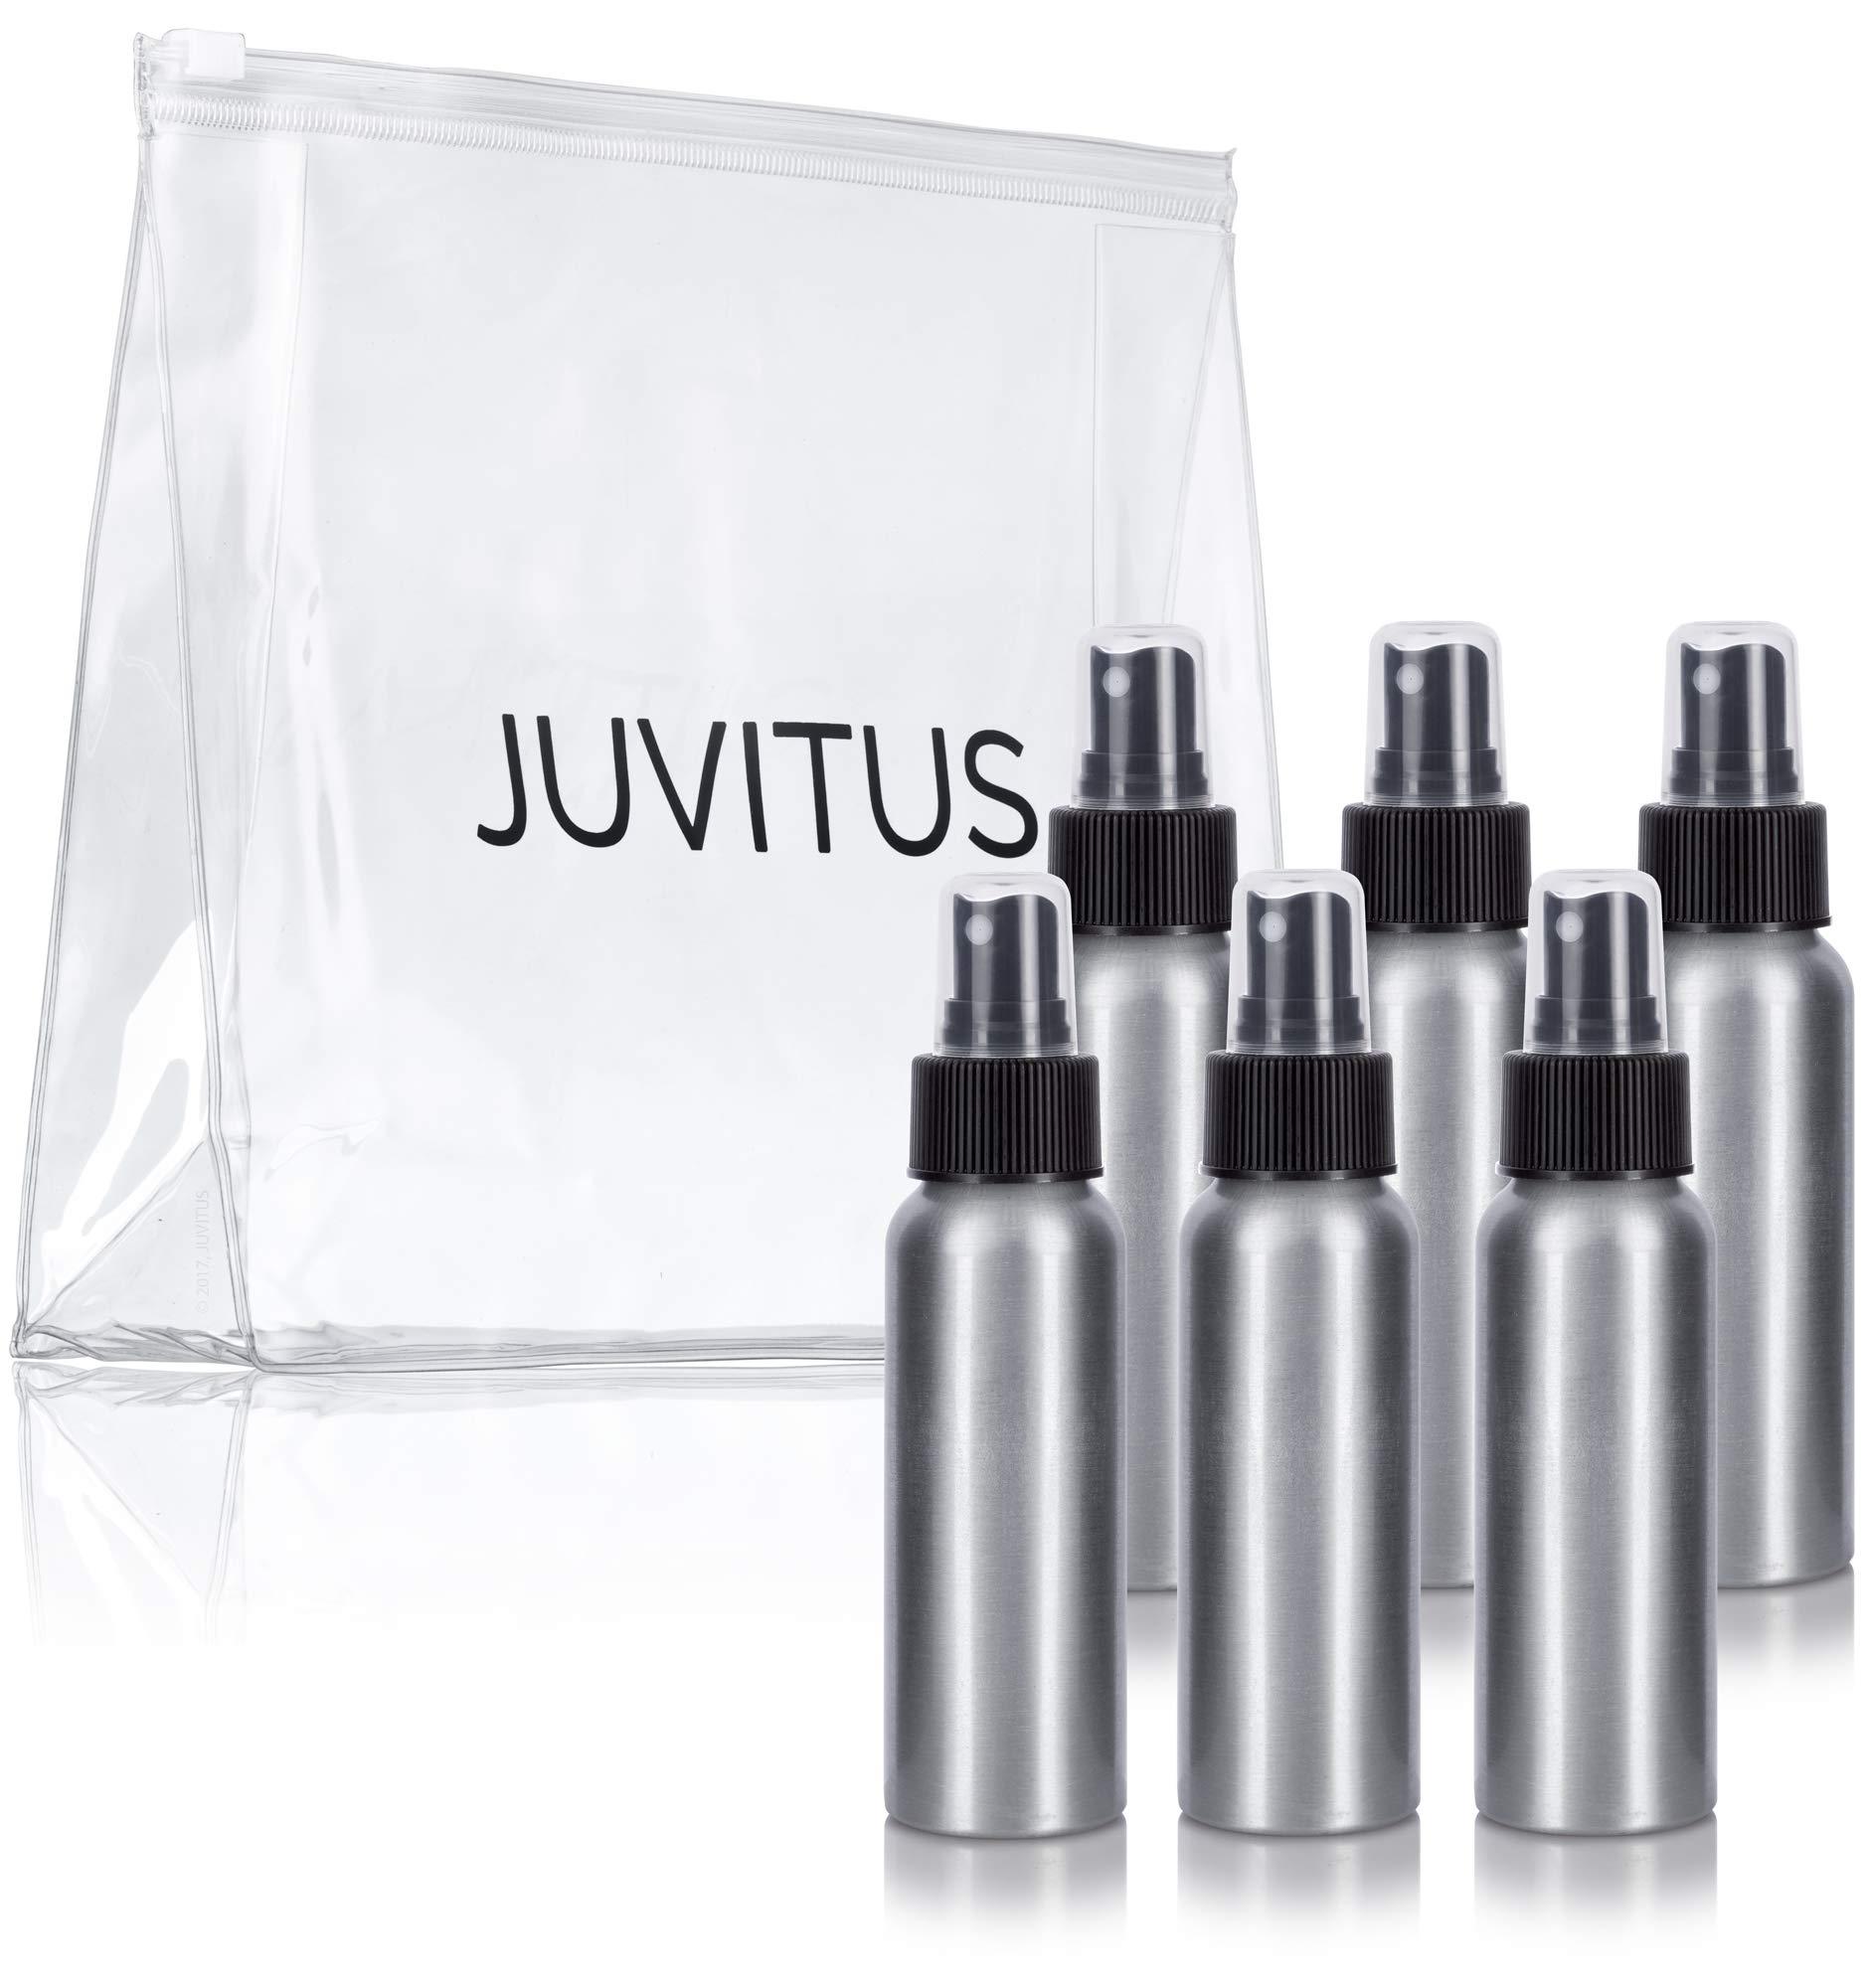 Aluminum Refillable Travel Spray Bottle Mister - 2.7 oz (6 Pack) + Travel Bag by JUVITUS